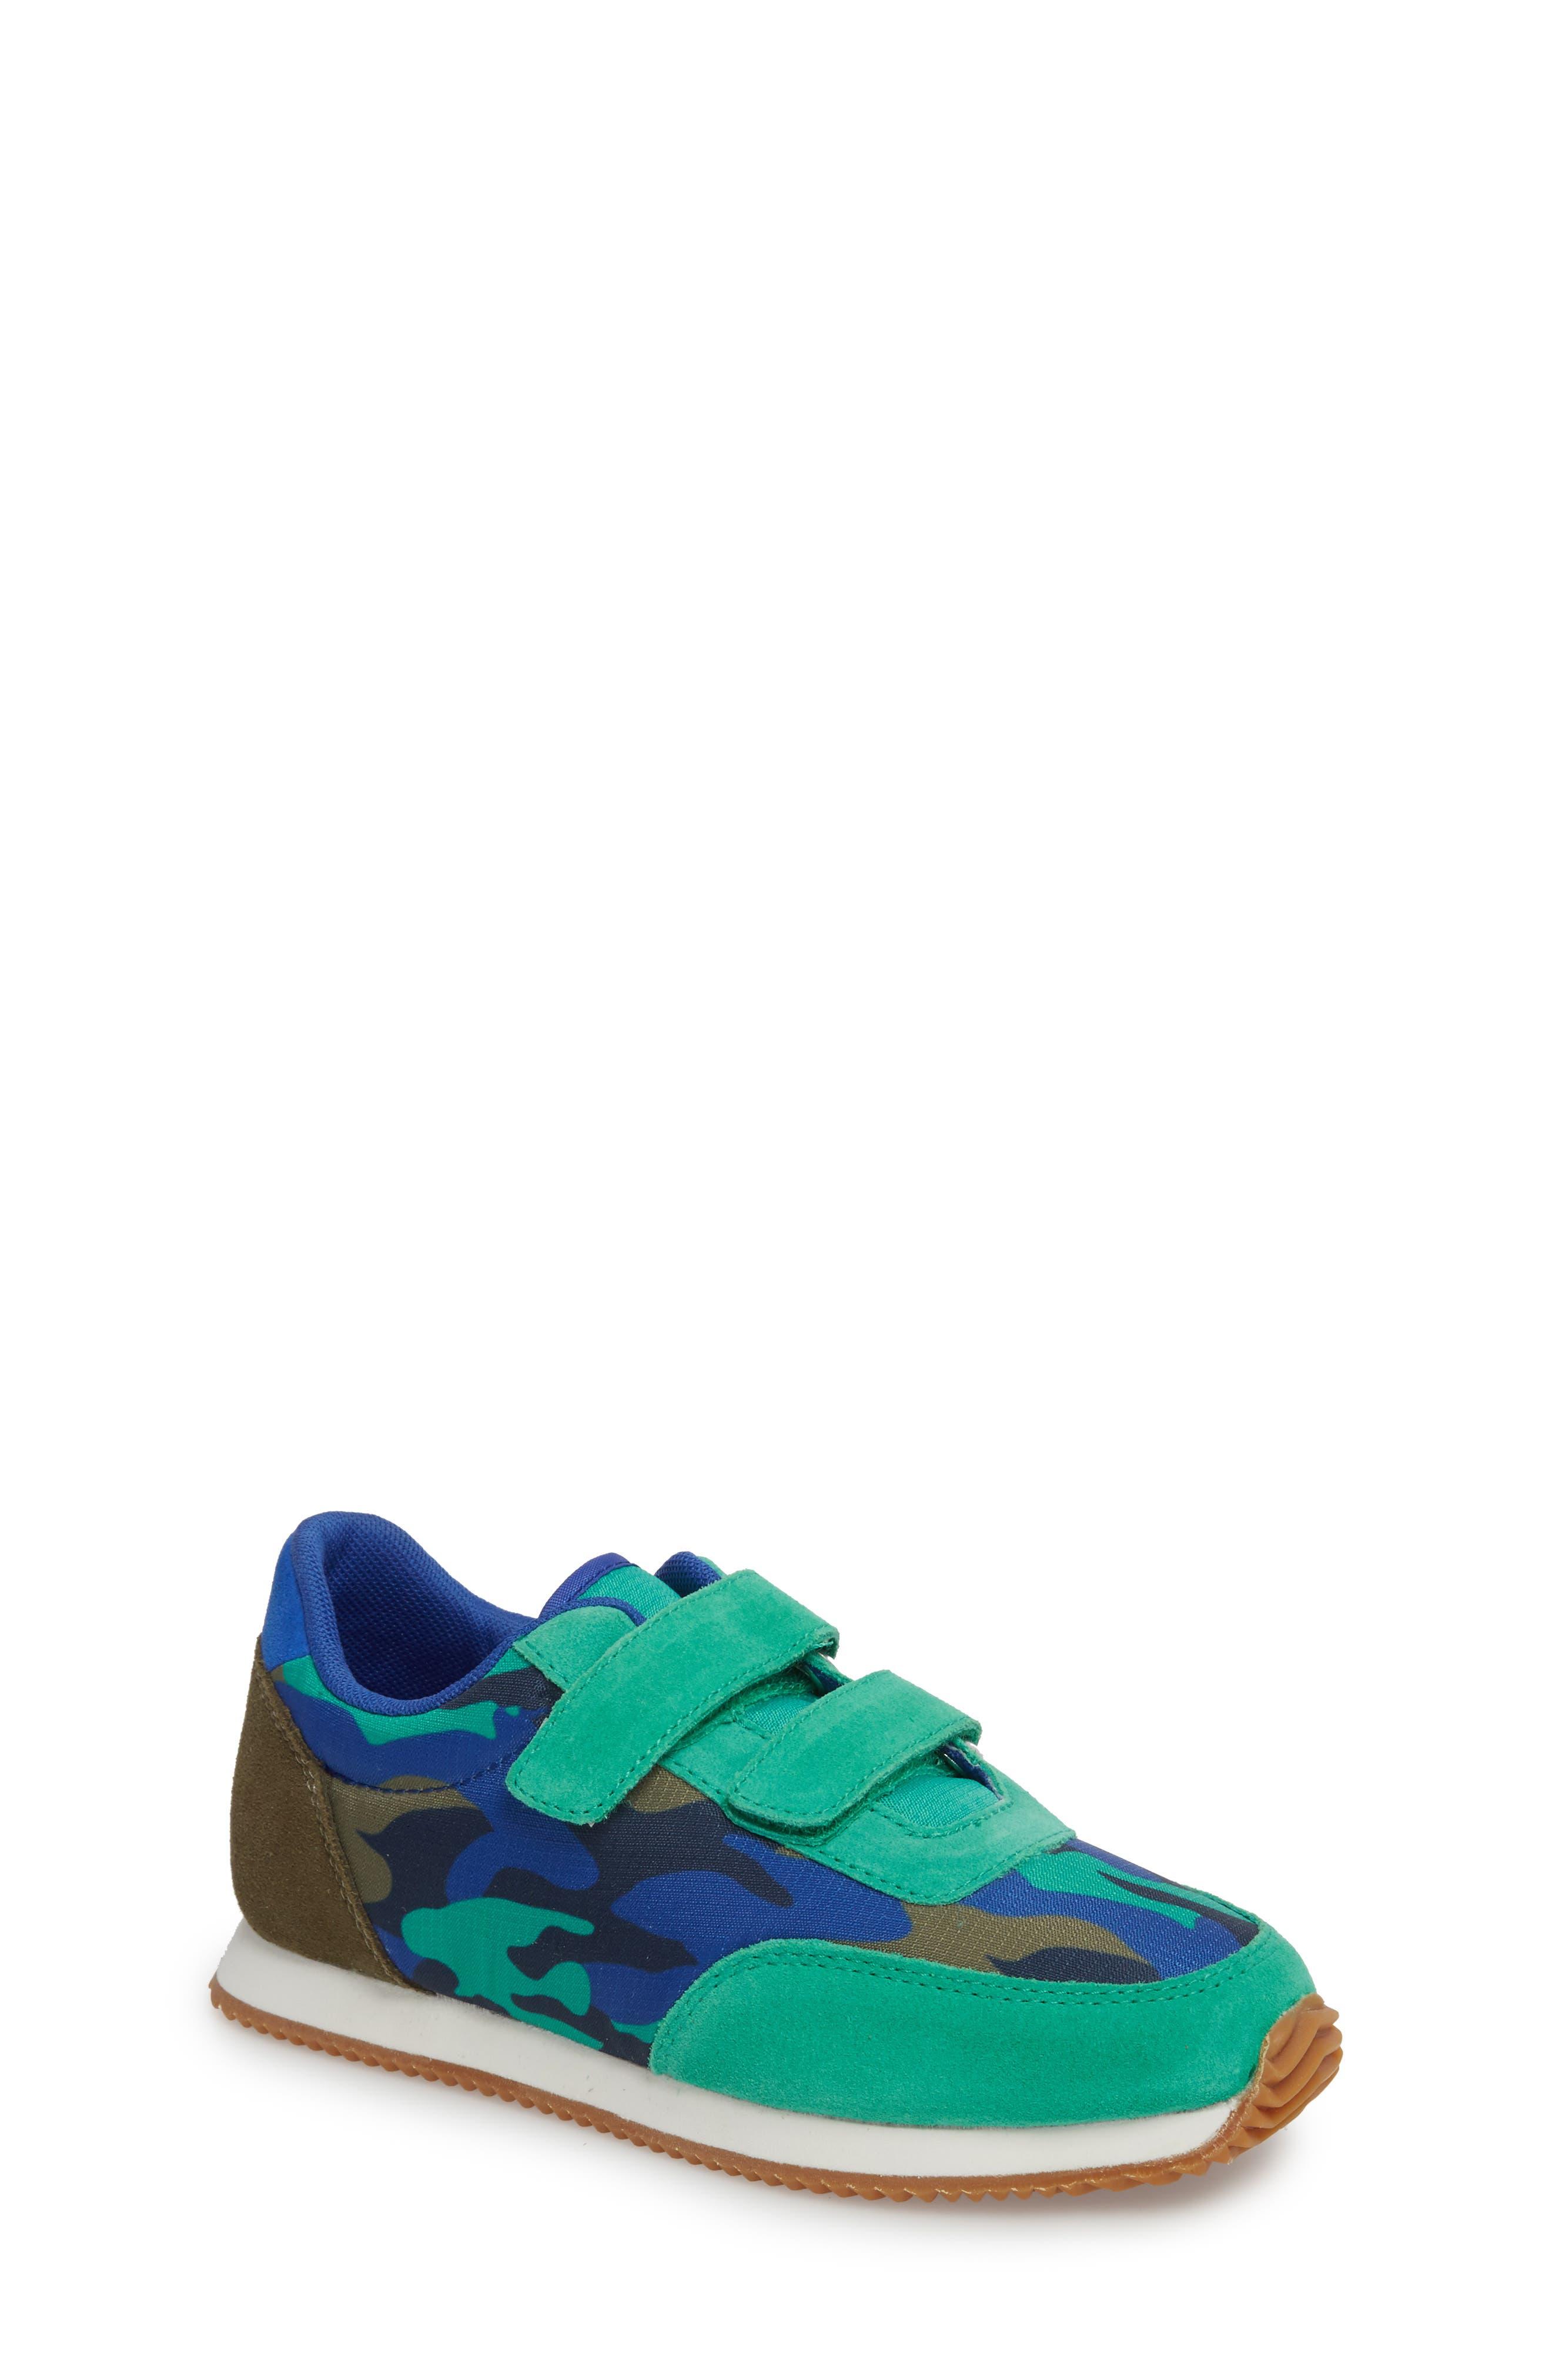 Print Sneakers,                             Main thumbnail 1, color,                             315